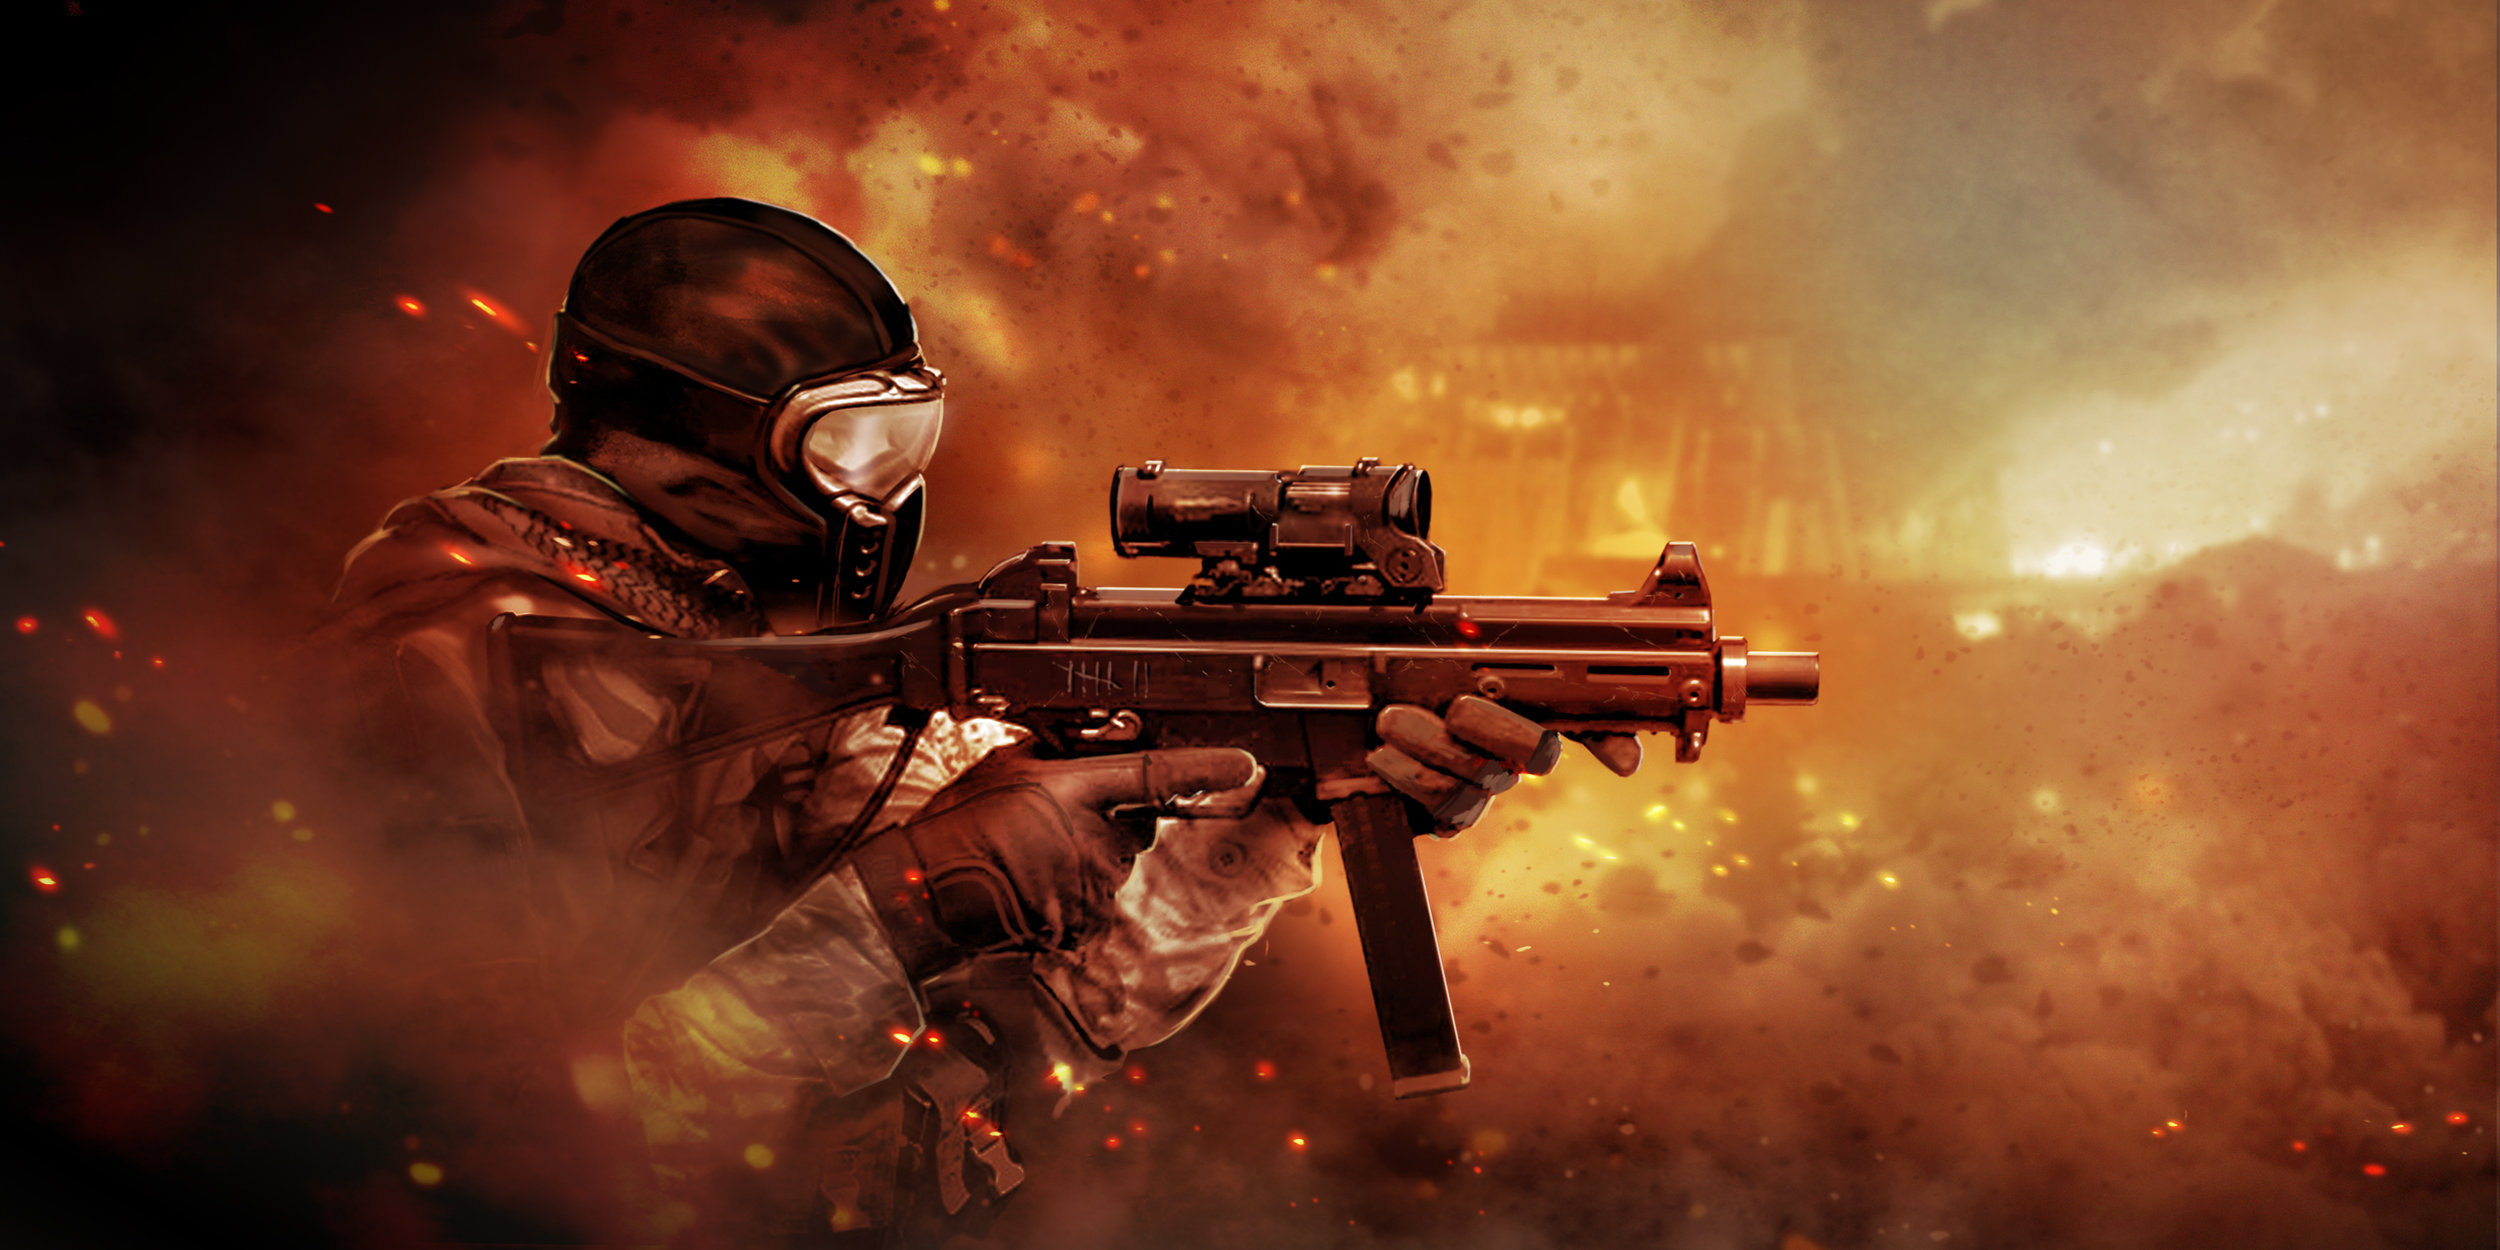 TG_infantry.jpg